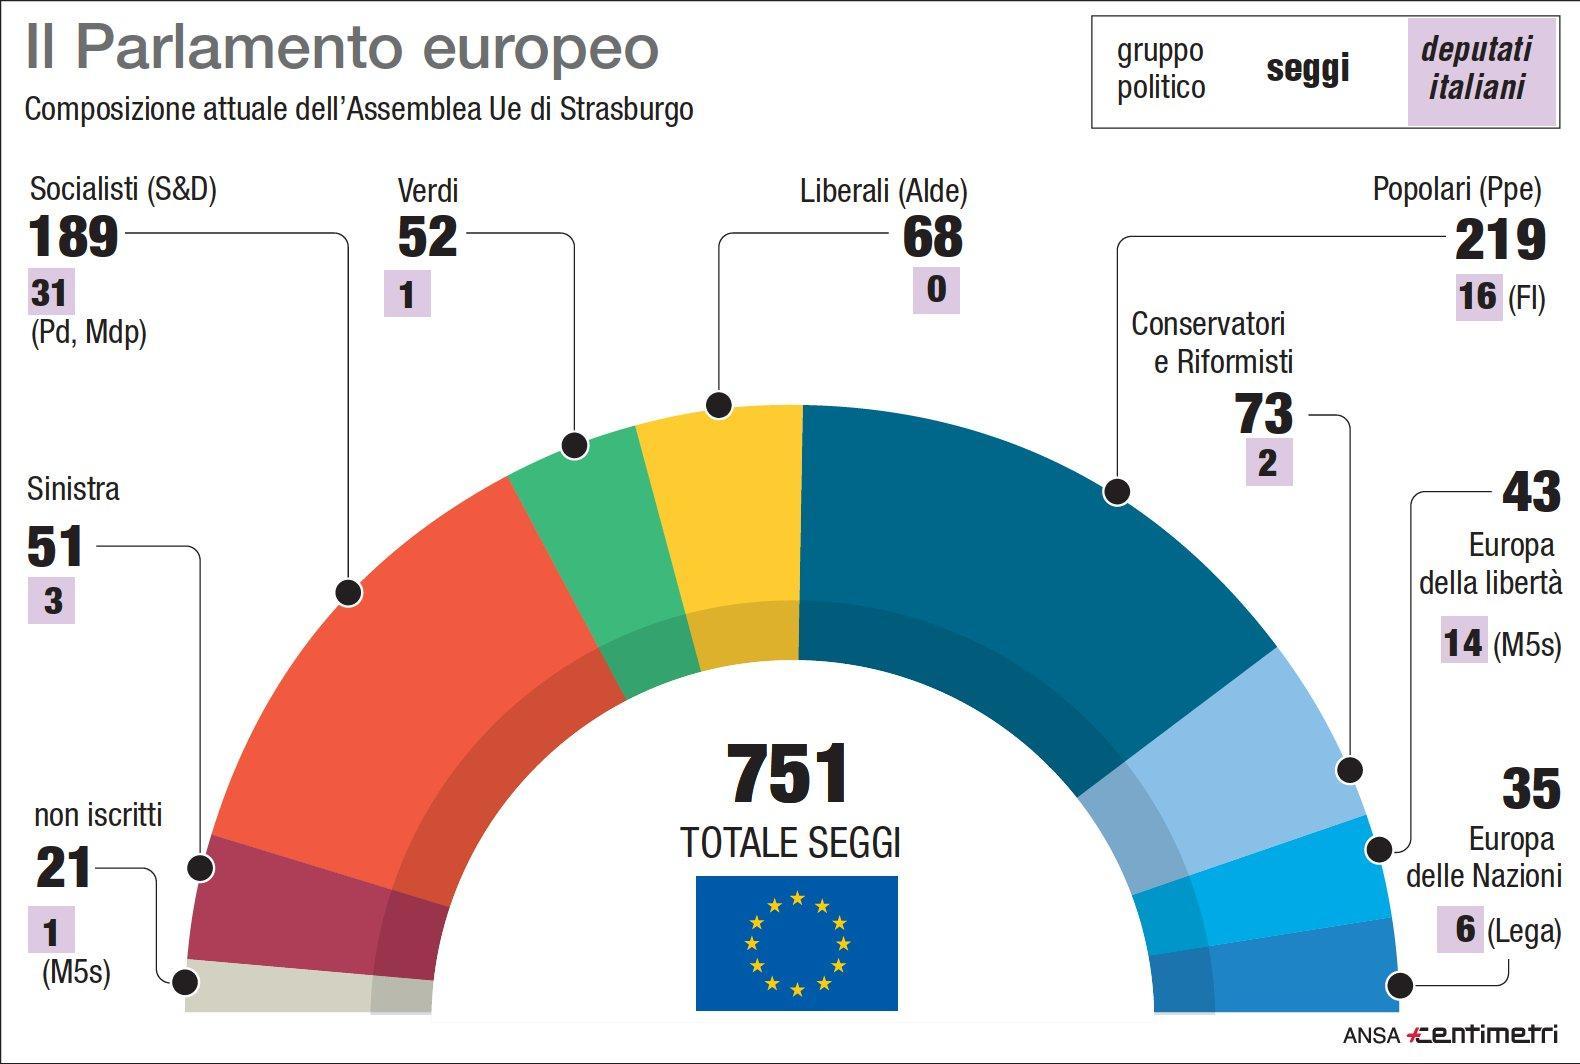 Gli schieramenti attuali nel Parlamento europeo